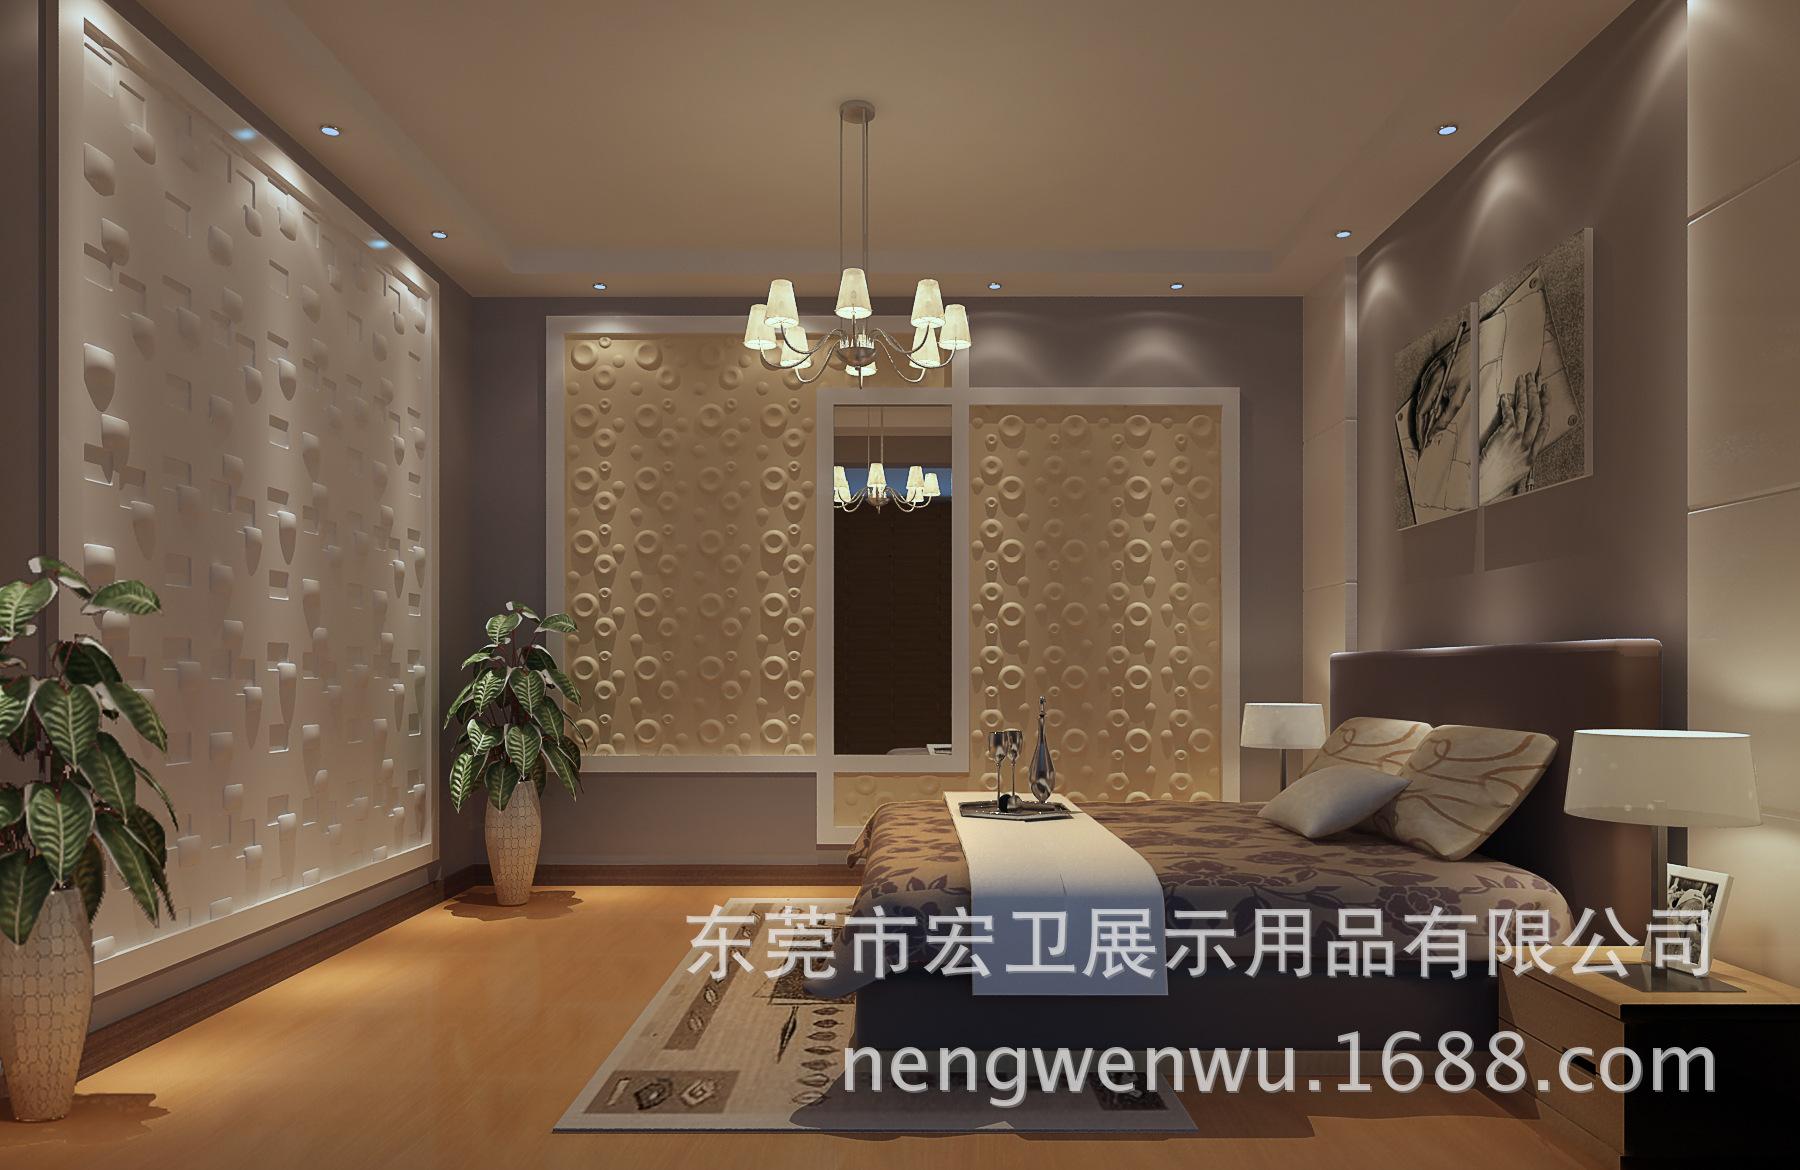 广东东莞宏卫三维立体背景墙 客厅 卧室 餐厅 会议室 电视背景墙厂家价